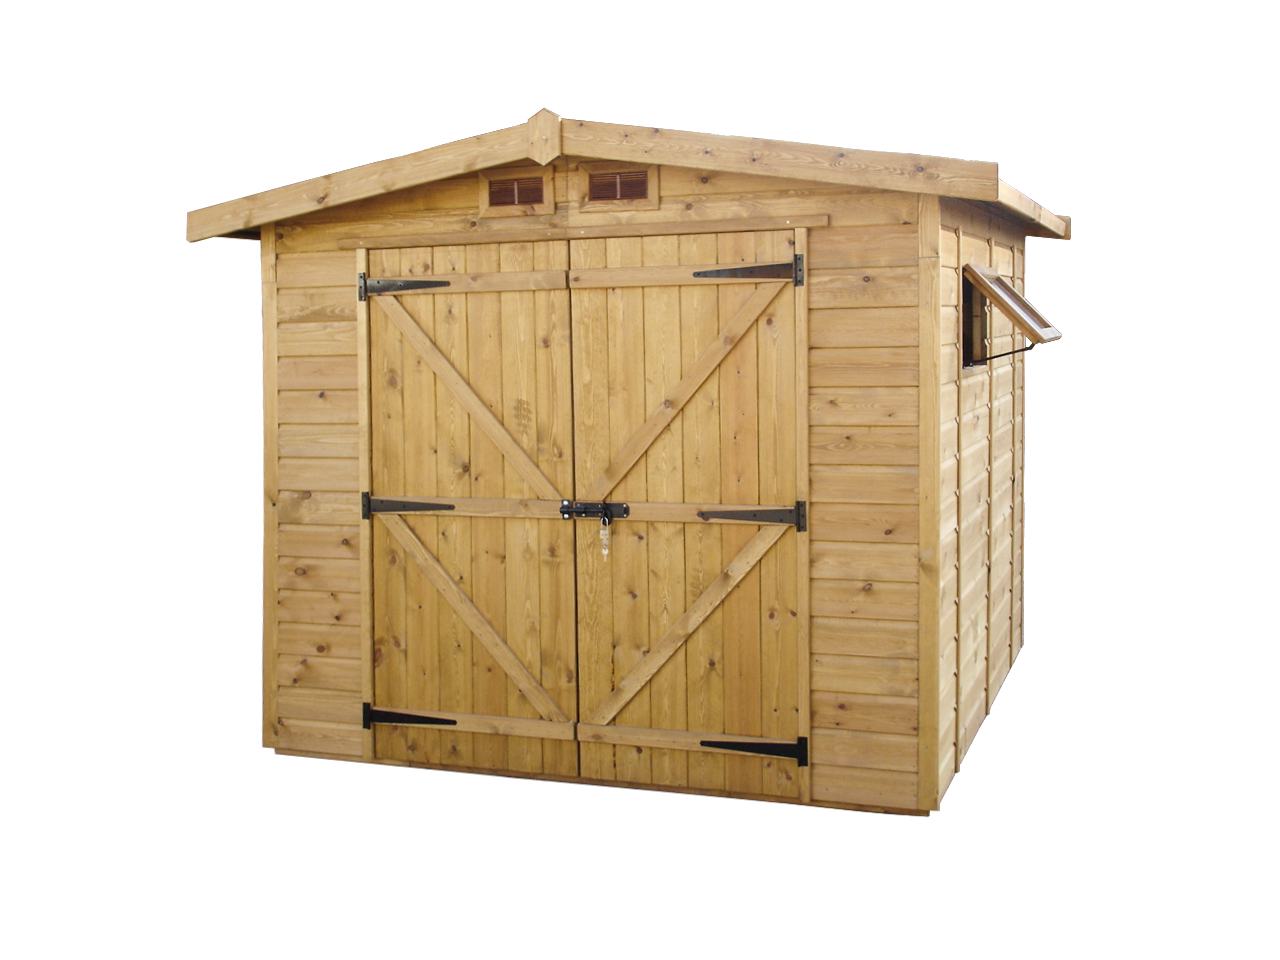 Caseta de madera Garaje Trastero mod. Edeta